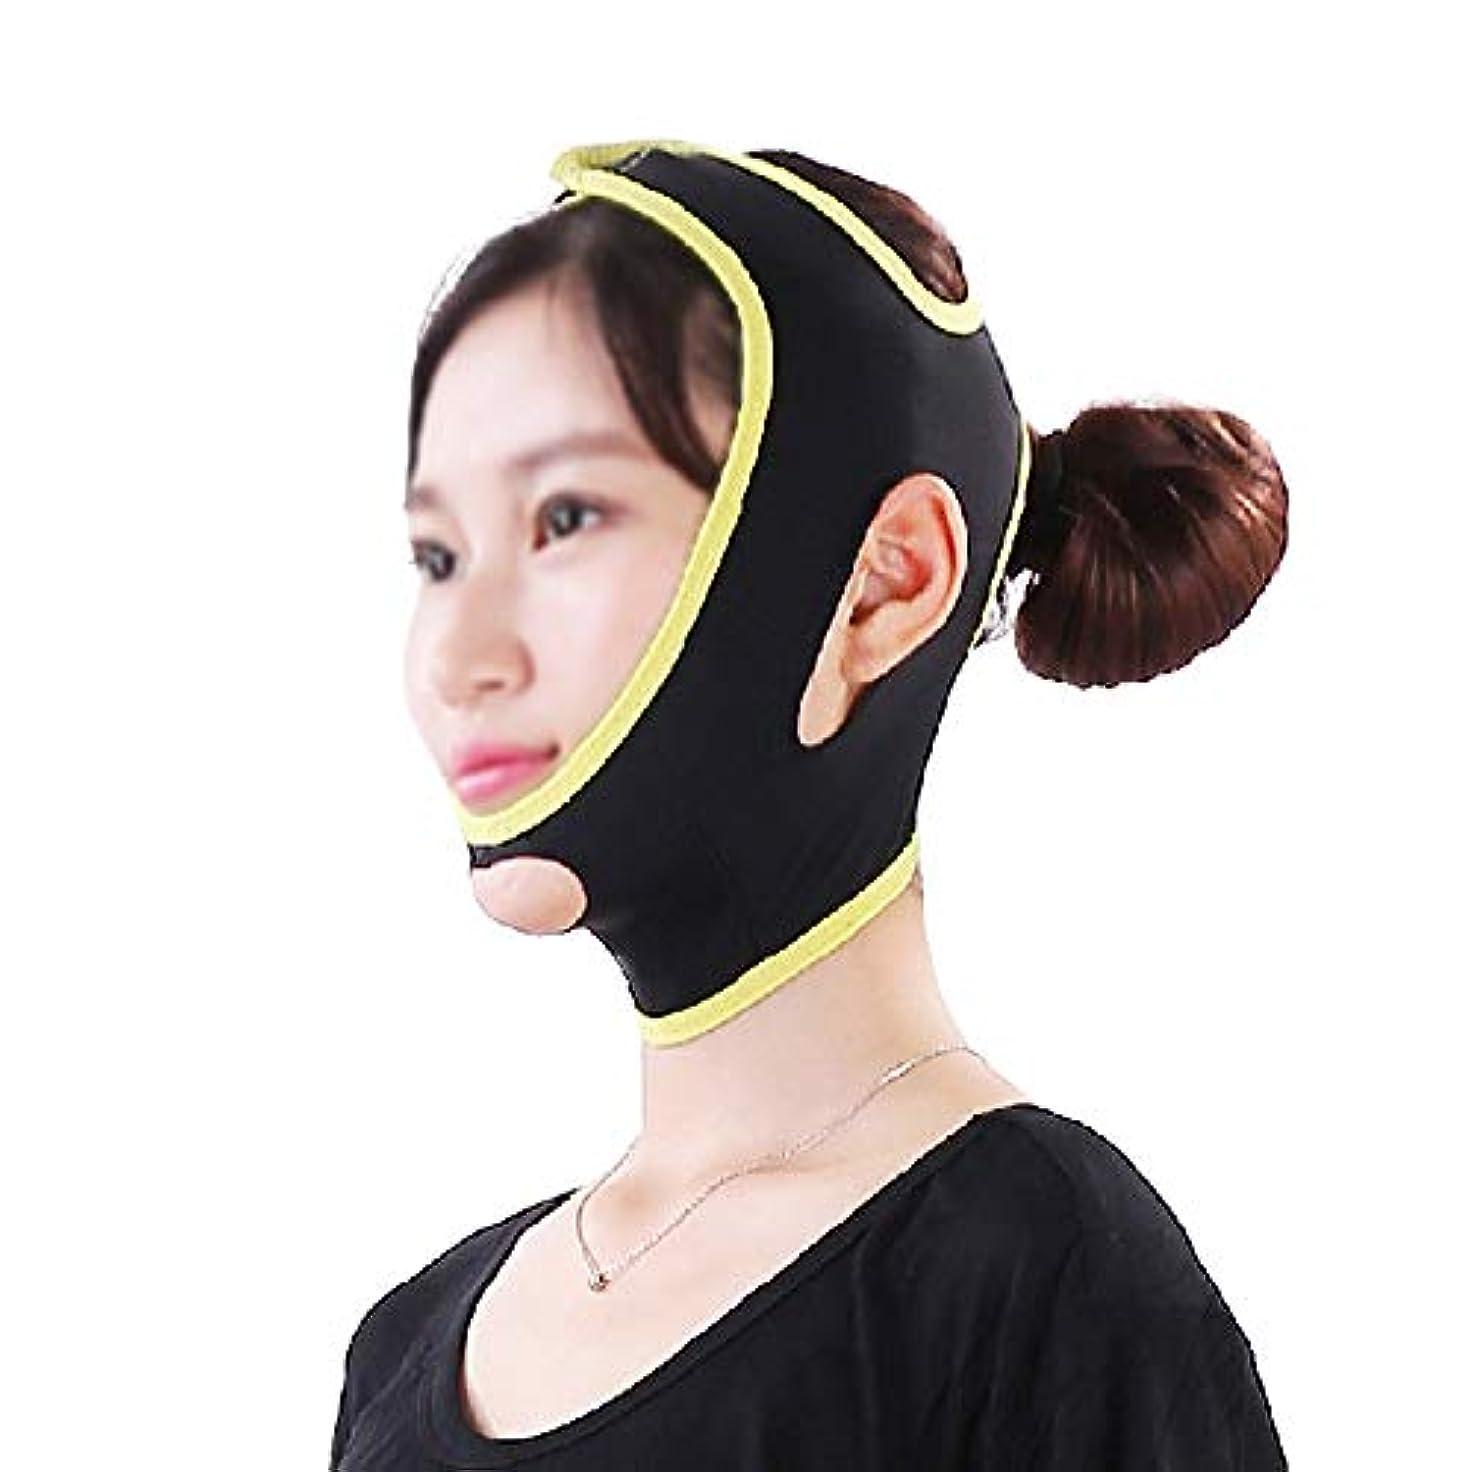 ドライブ採用蒸留するGLJJQMY 顔と首のリフトVマスクは顔面の輪郭を強調し、咬筋の引き締まったあごの超弾性包帯を緩和します 顔用整形マスク (Size : L)